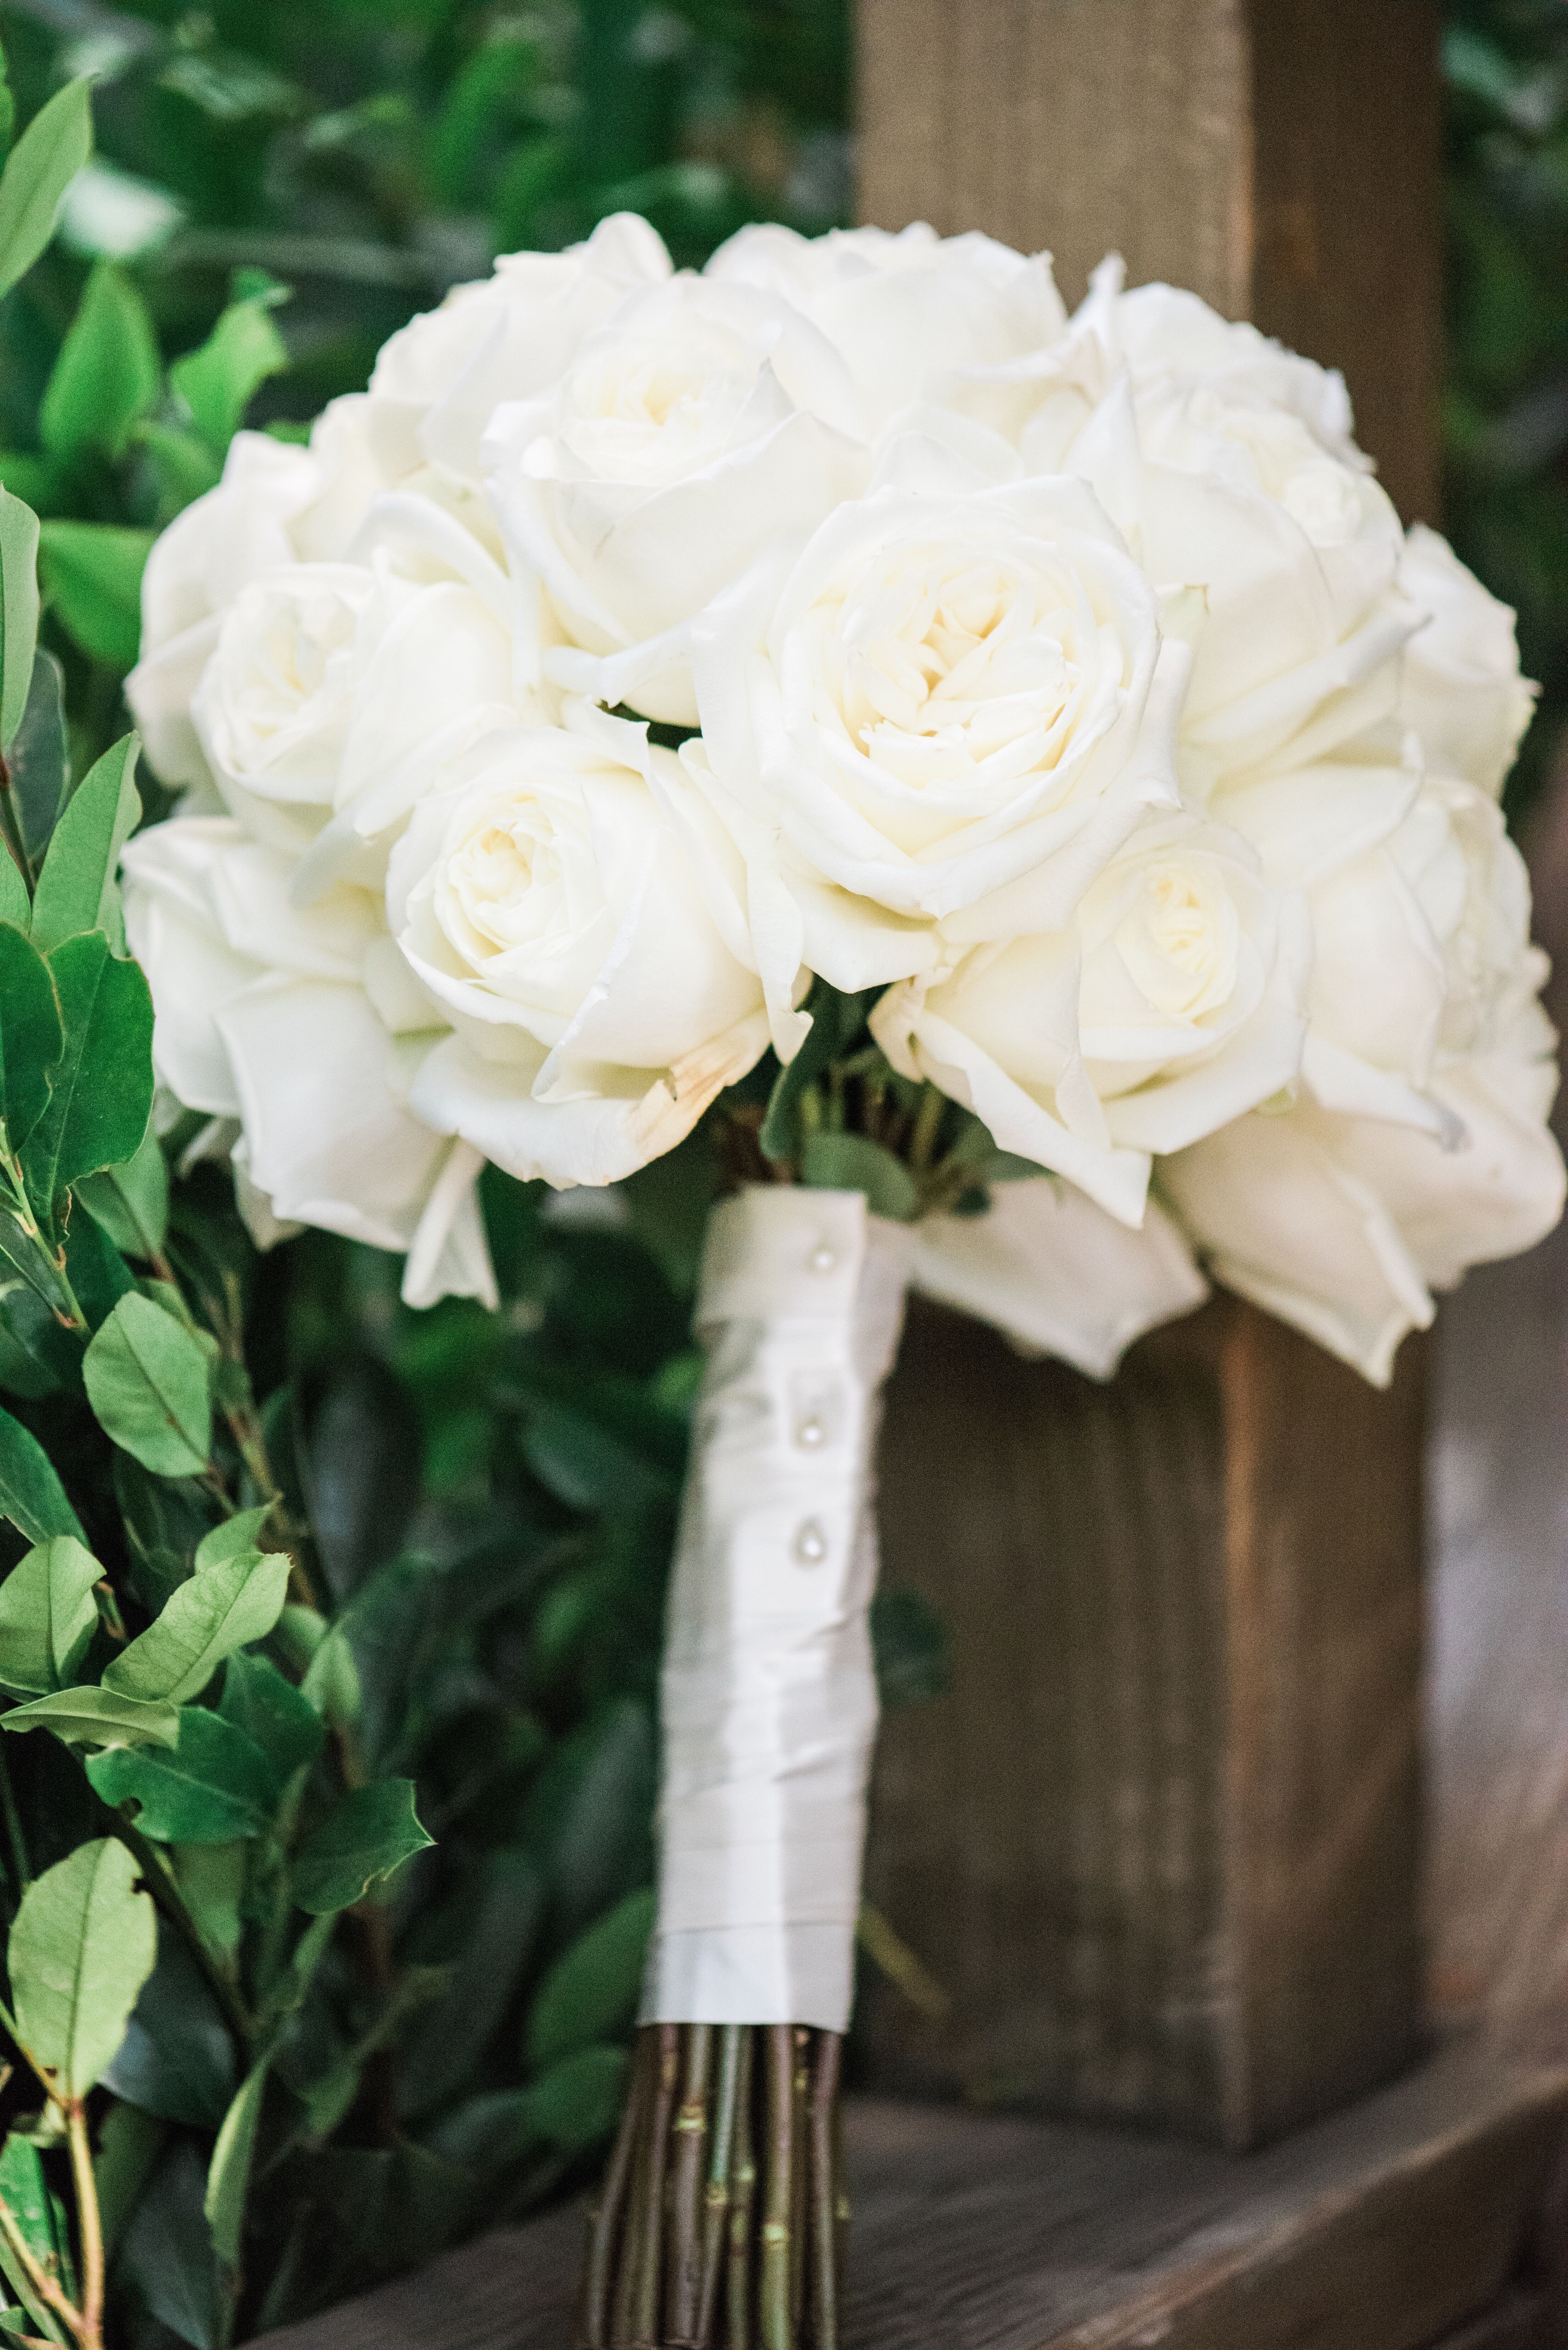 Simple, Elegant White Rose Bouquet